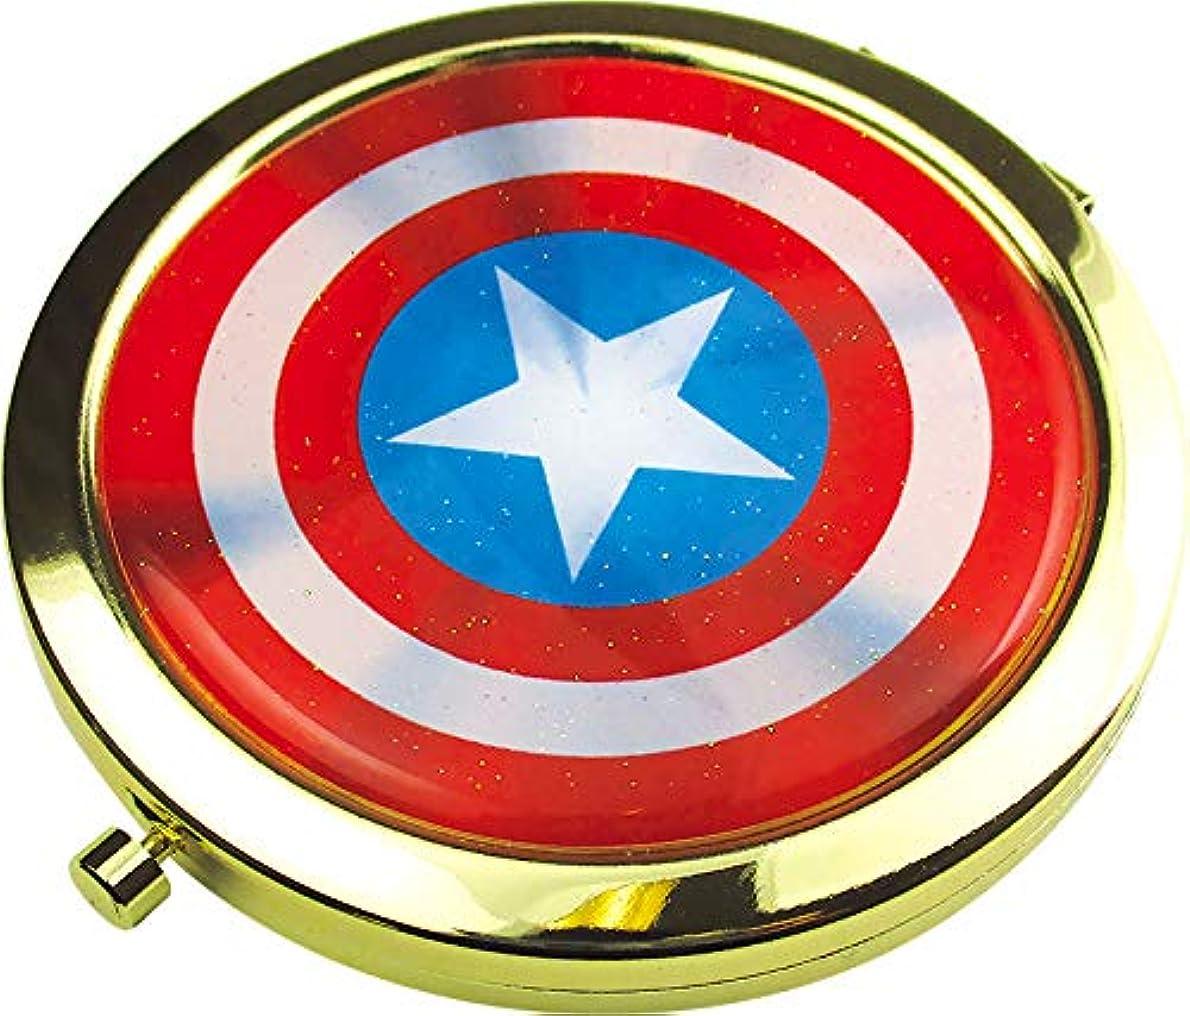 旅行抽選シリアルティーズファクトリー 鏡 マーベル キャプテン?アメリカ Wコンパクトミラー MV-5537052CA